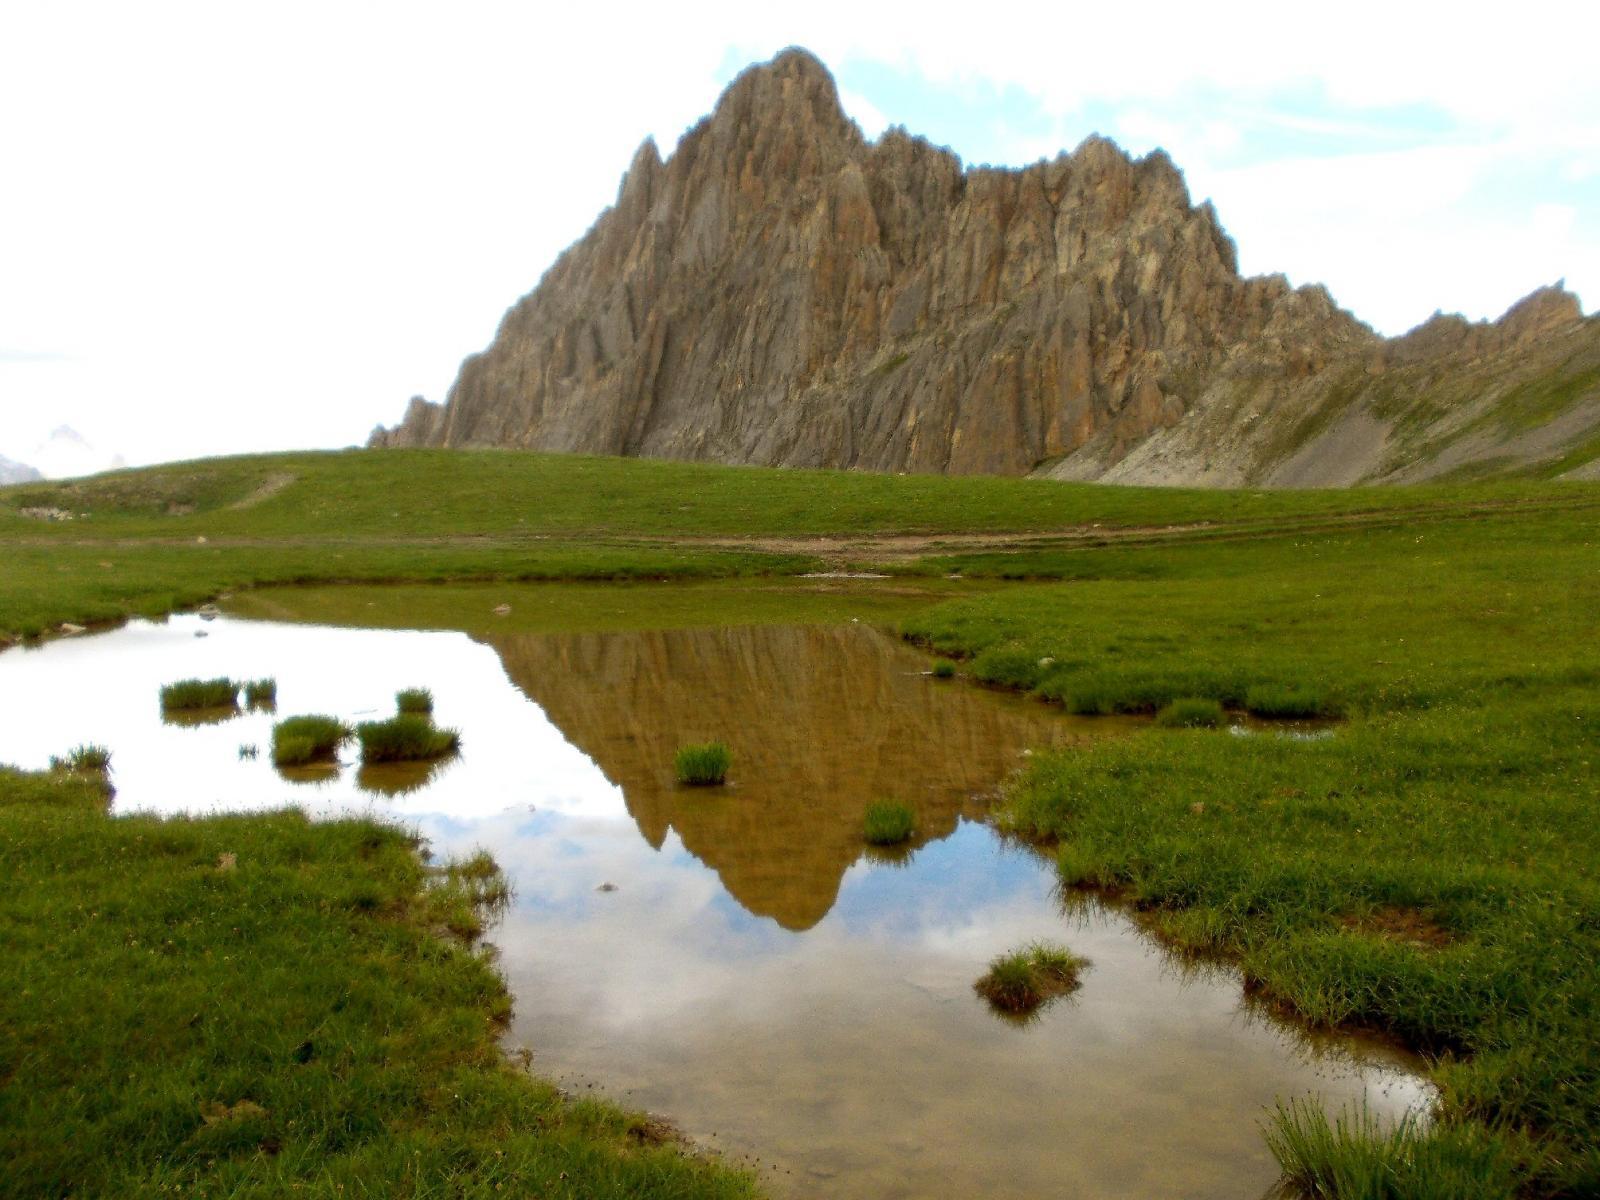 la Meja si specchia nel laghetto